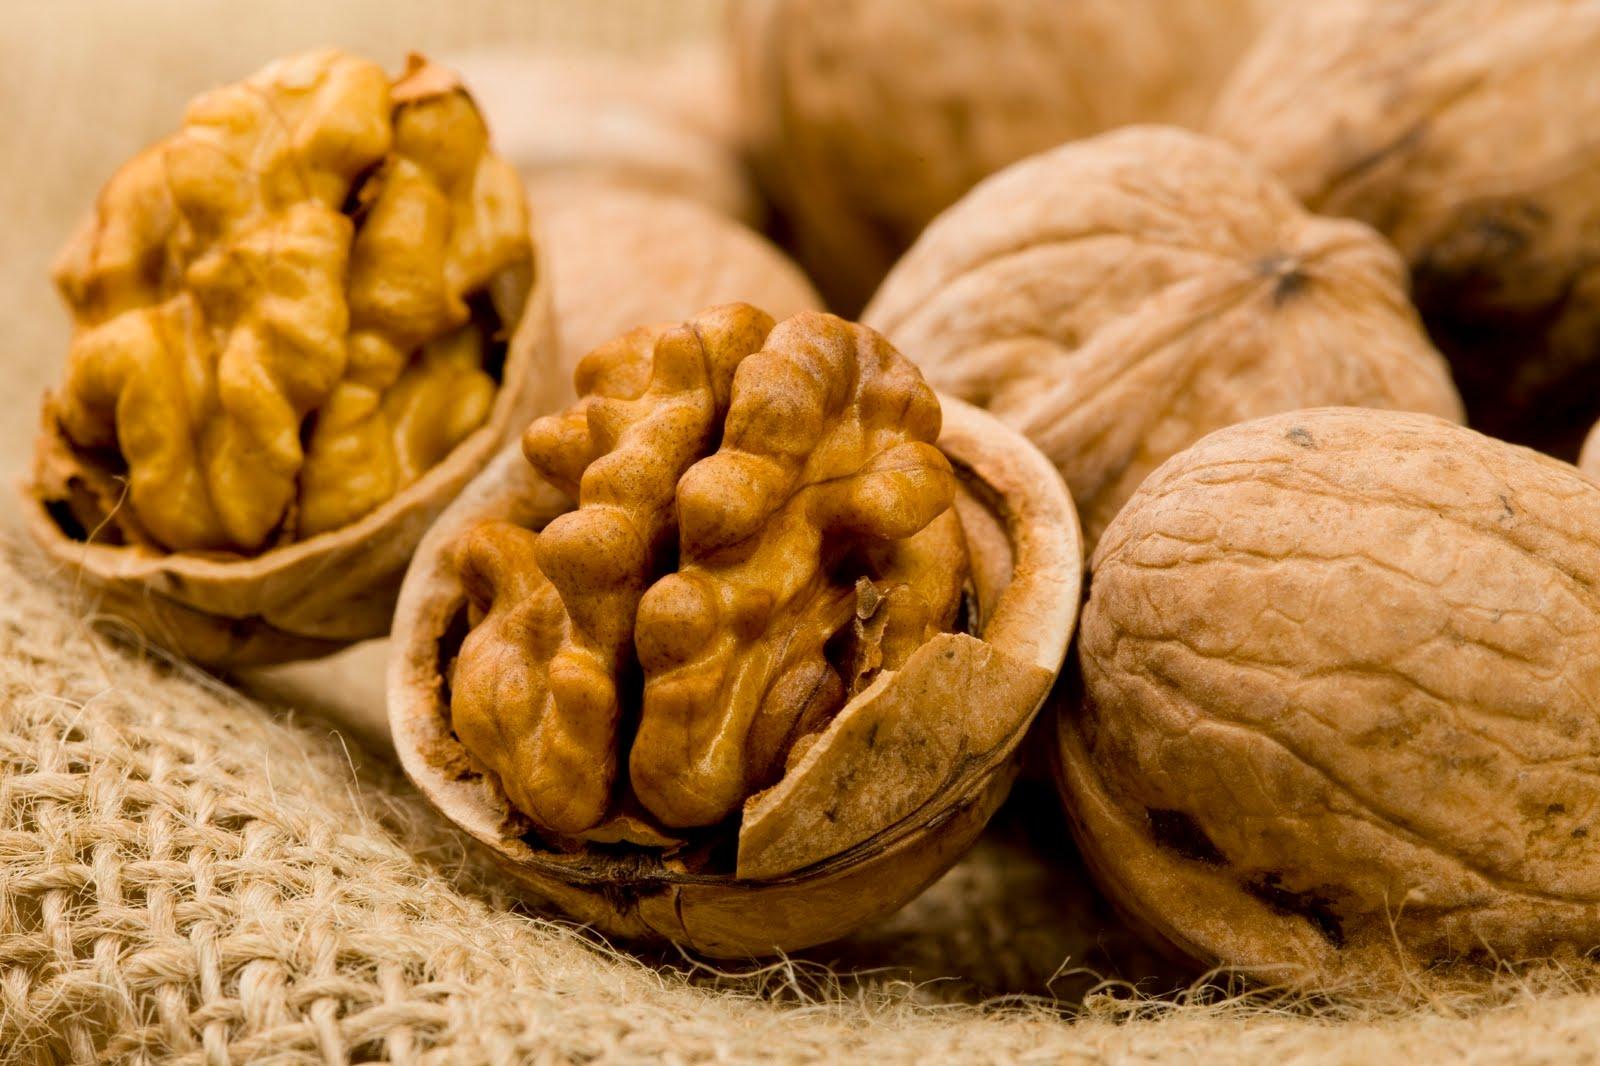 57 мешков грецких орехов пытались ввезти контрабандой в Казахстан из России